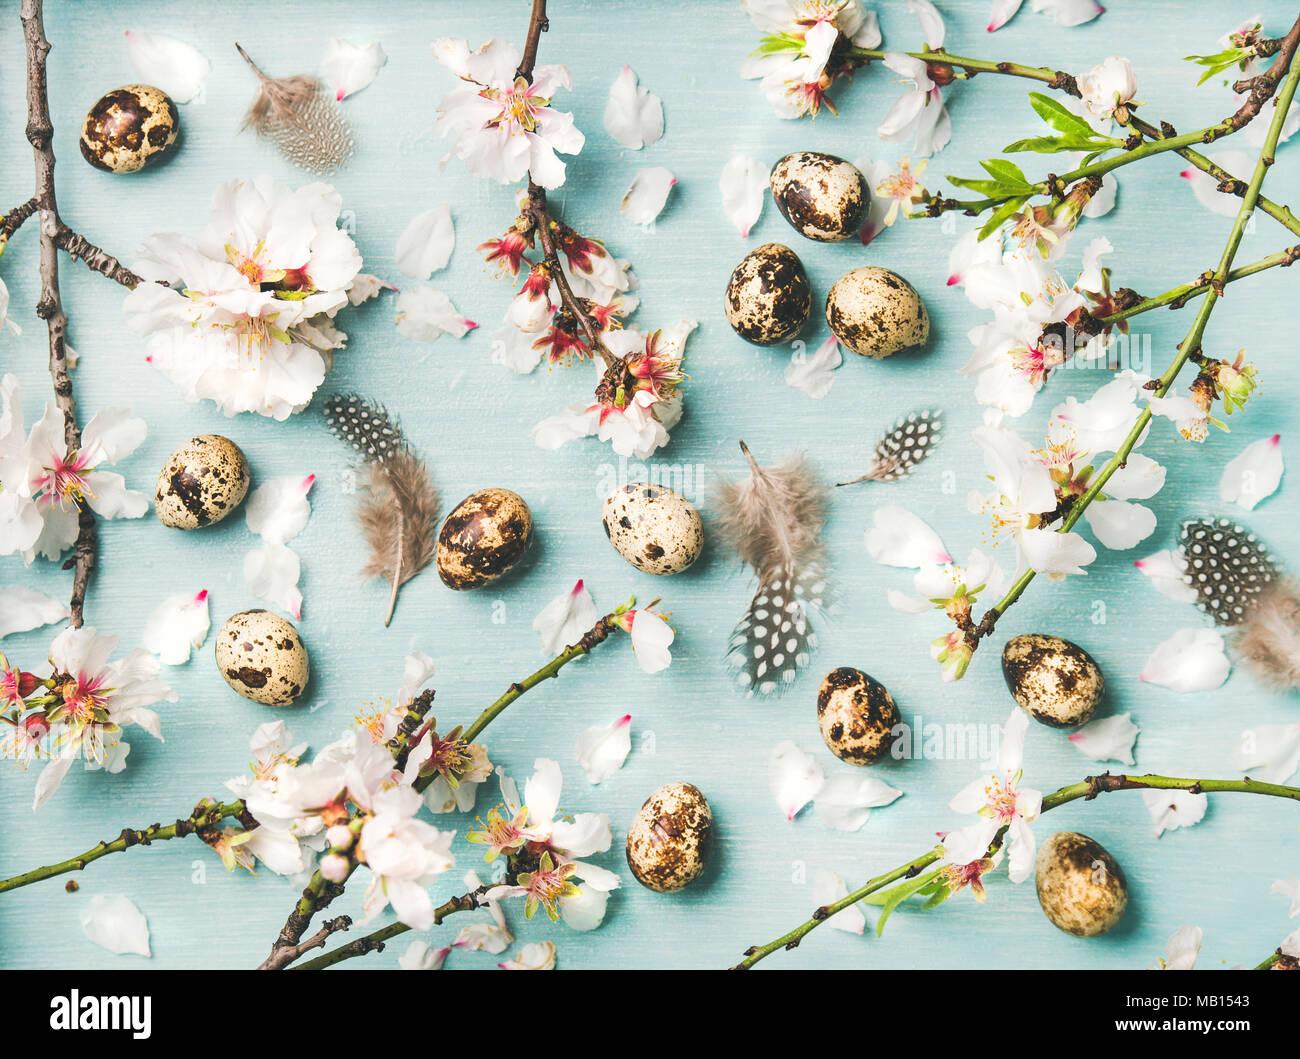 Maison de vacances de Pâques, l'arrière-plan et la texture papier peint. Télévision à jeter de l'offre Printemps fleurs fleur d'amandier sur les branches, des plumes et des oeufs de cailles sur light blu Photo Stock